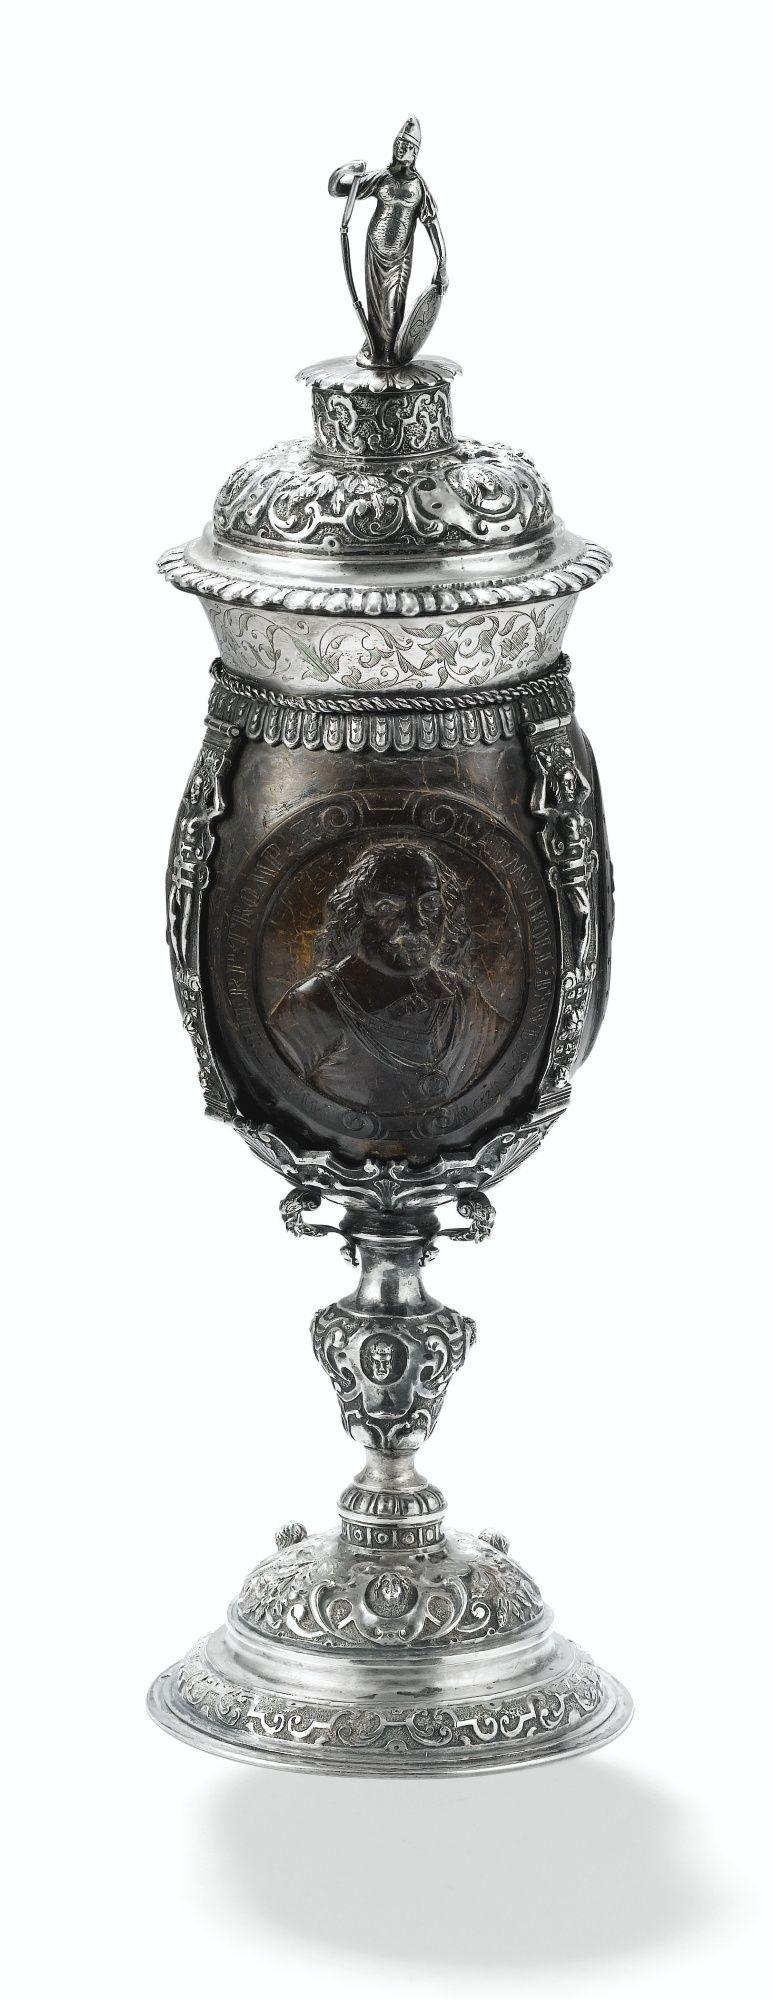 Noix de coco couverte montée en argent par A.J.H. de Ruijter, Amsterdam, vers 1880 http://www.sothebys.com/en/auctions/ecatalogue/2016/orfevrerie-boites-or-objets-vitrine-pf1602/lot.54.html